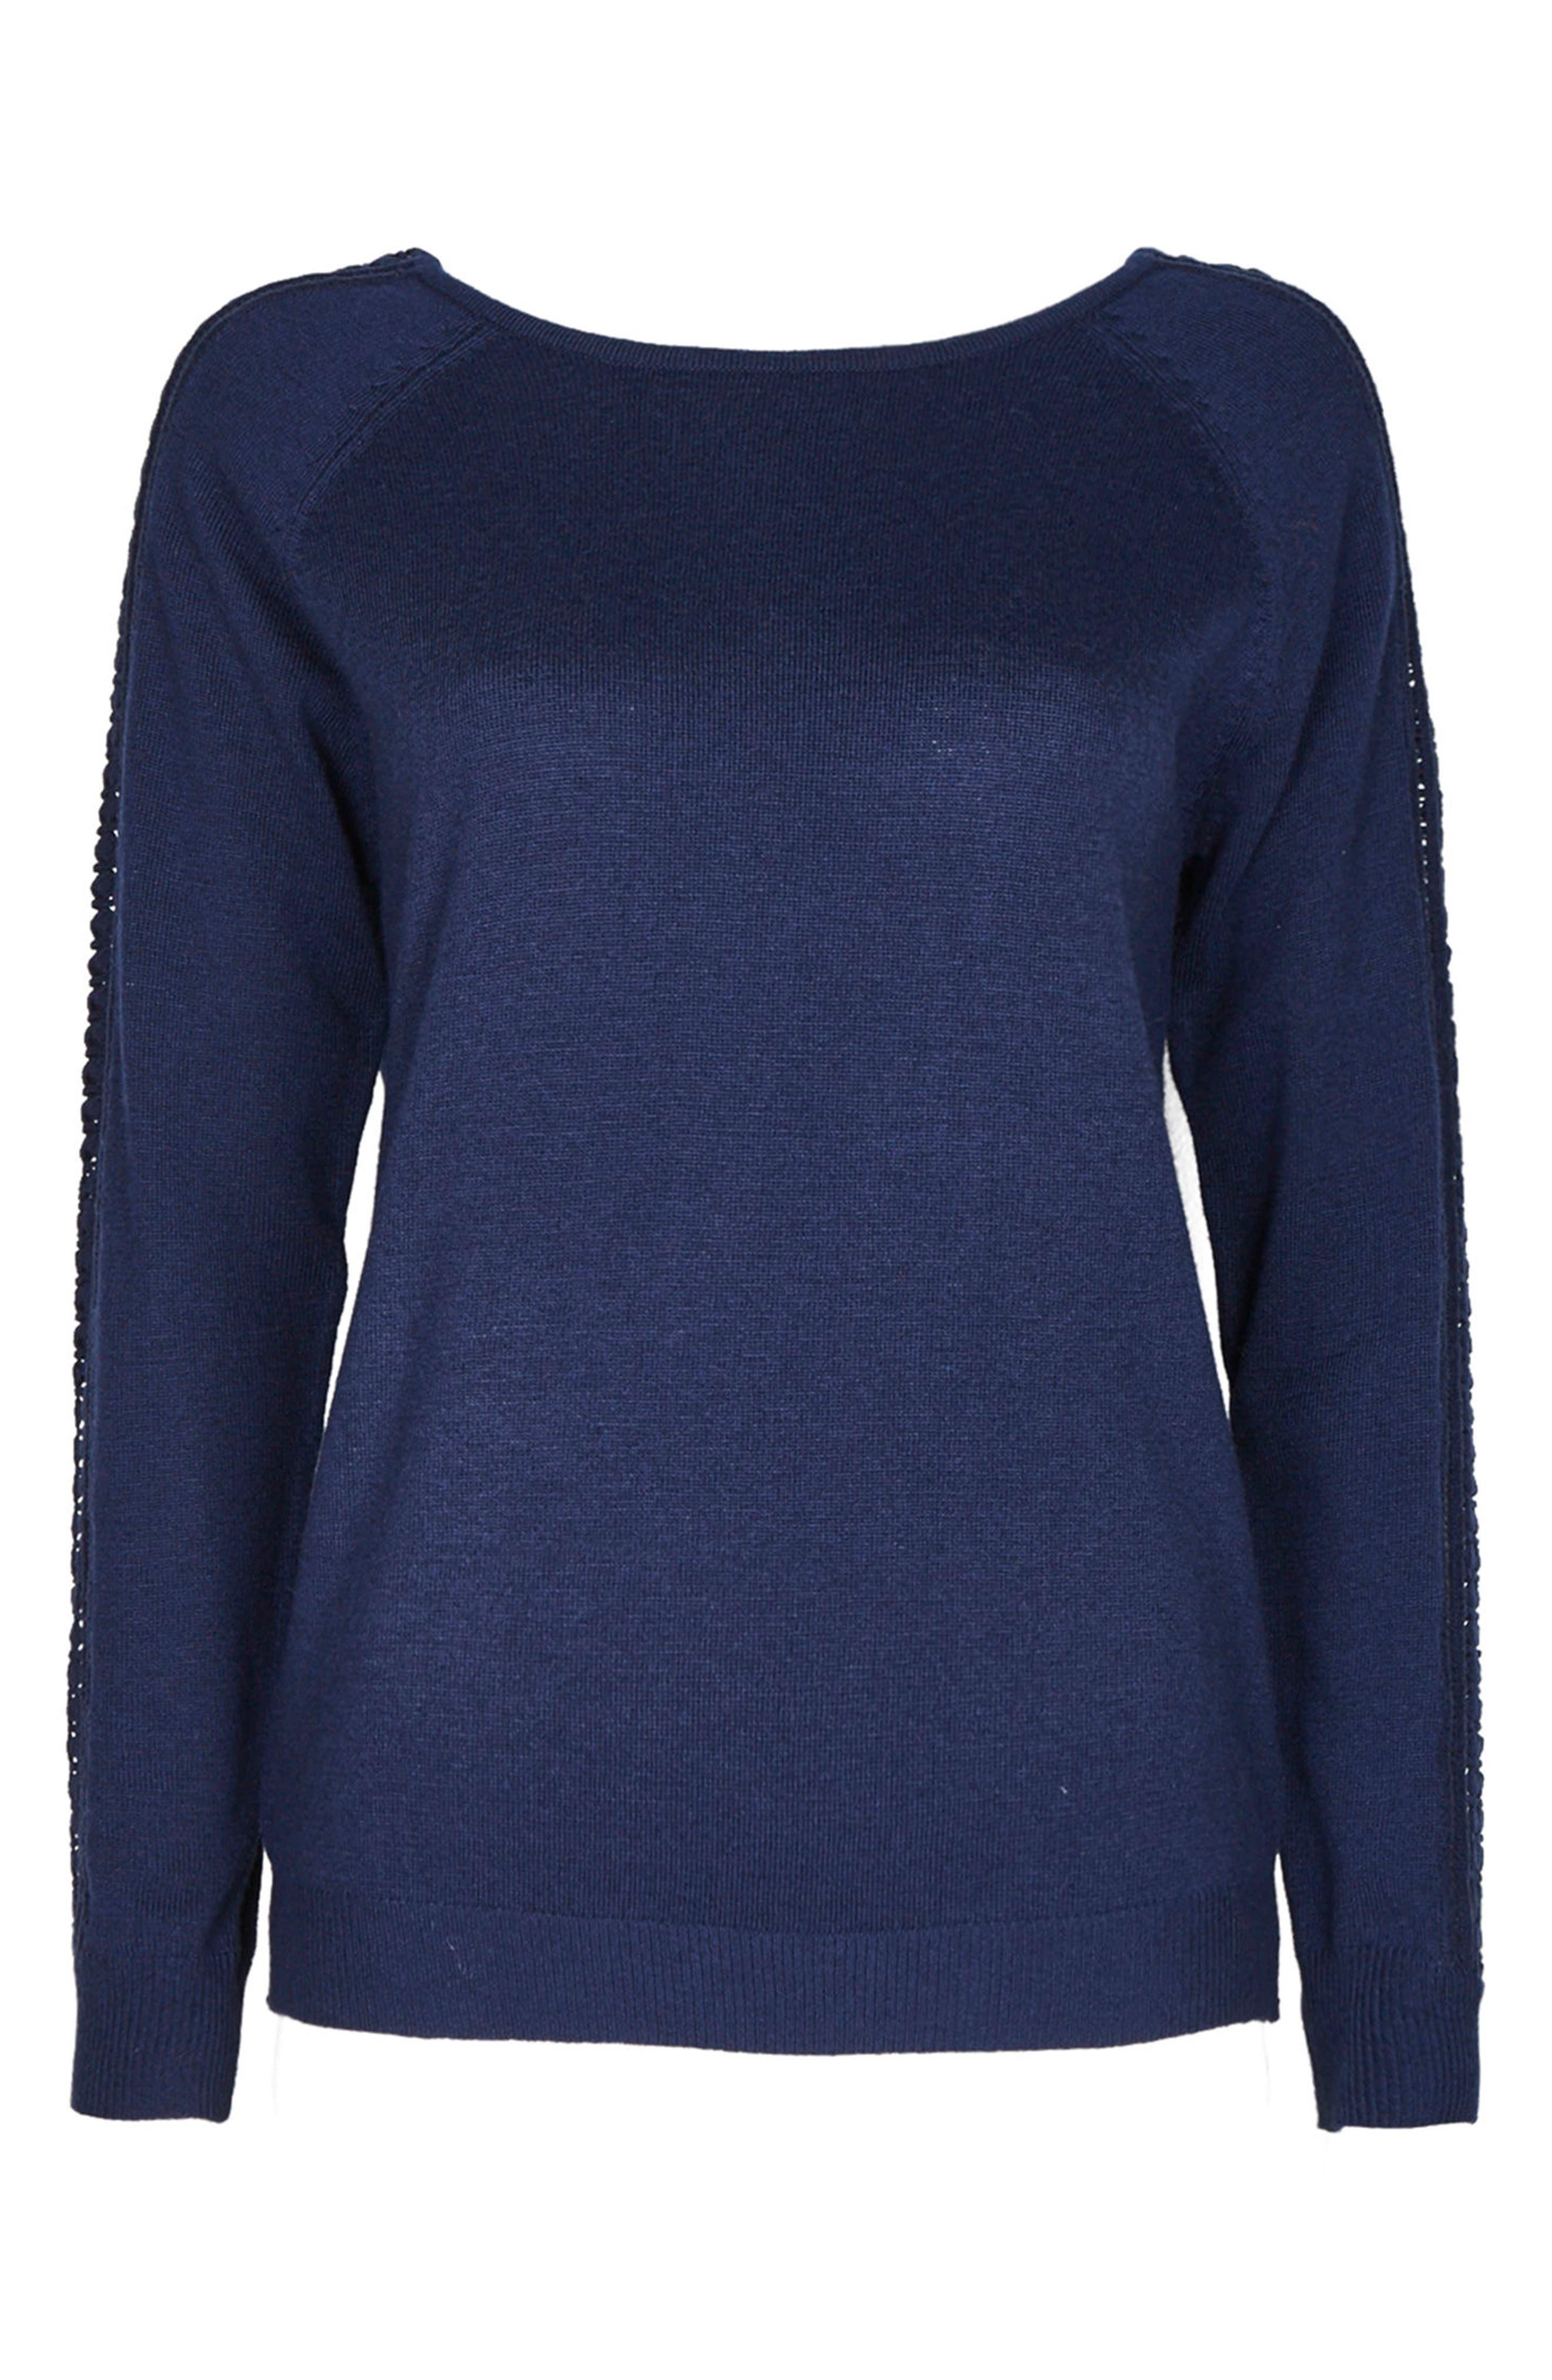 Lace Trim Sweater,                             Alternate thumbnail 5, color,                             400